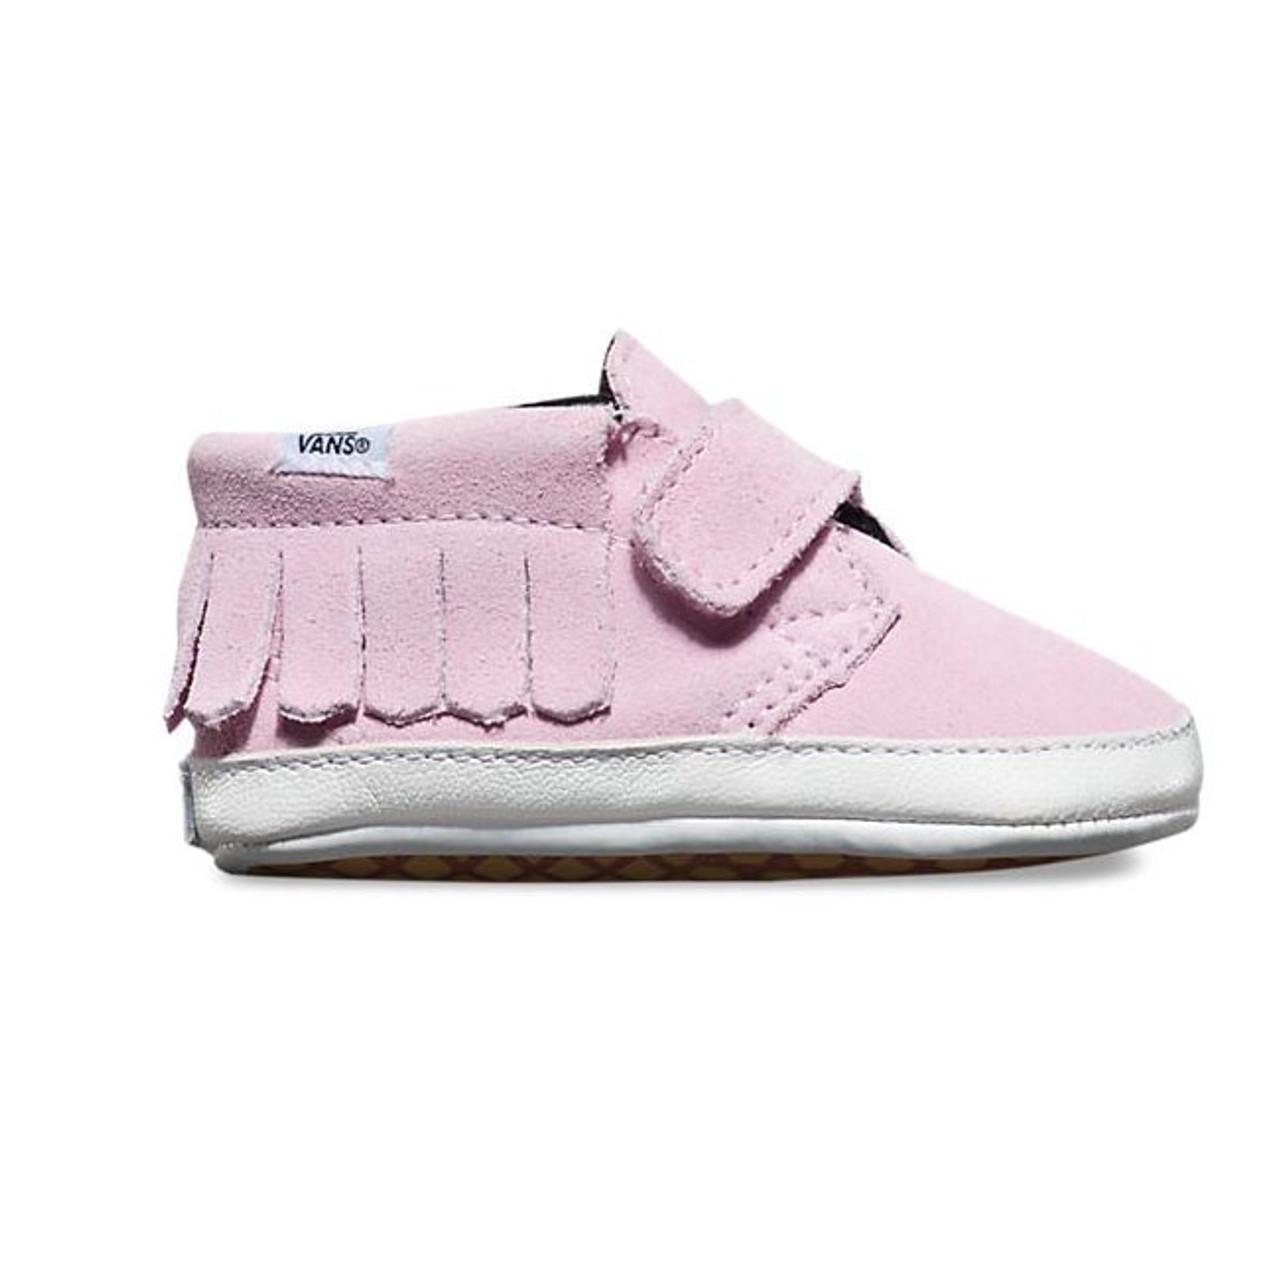 Vans Baby Infant Suede Chukka V Moc Mist Pink Shoes c202f1d3c